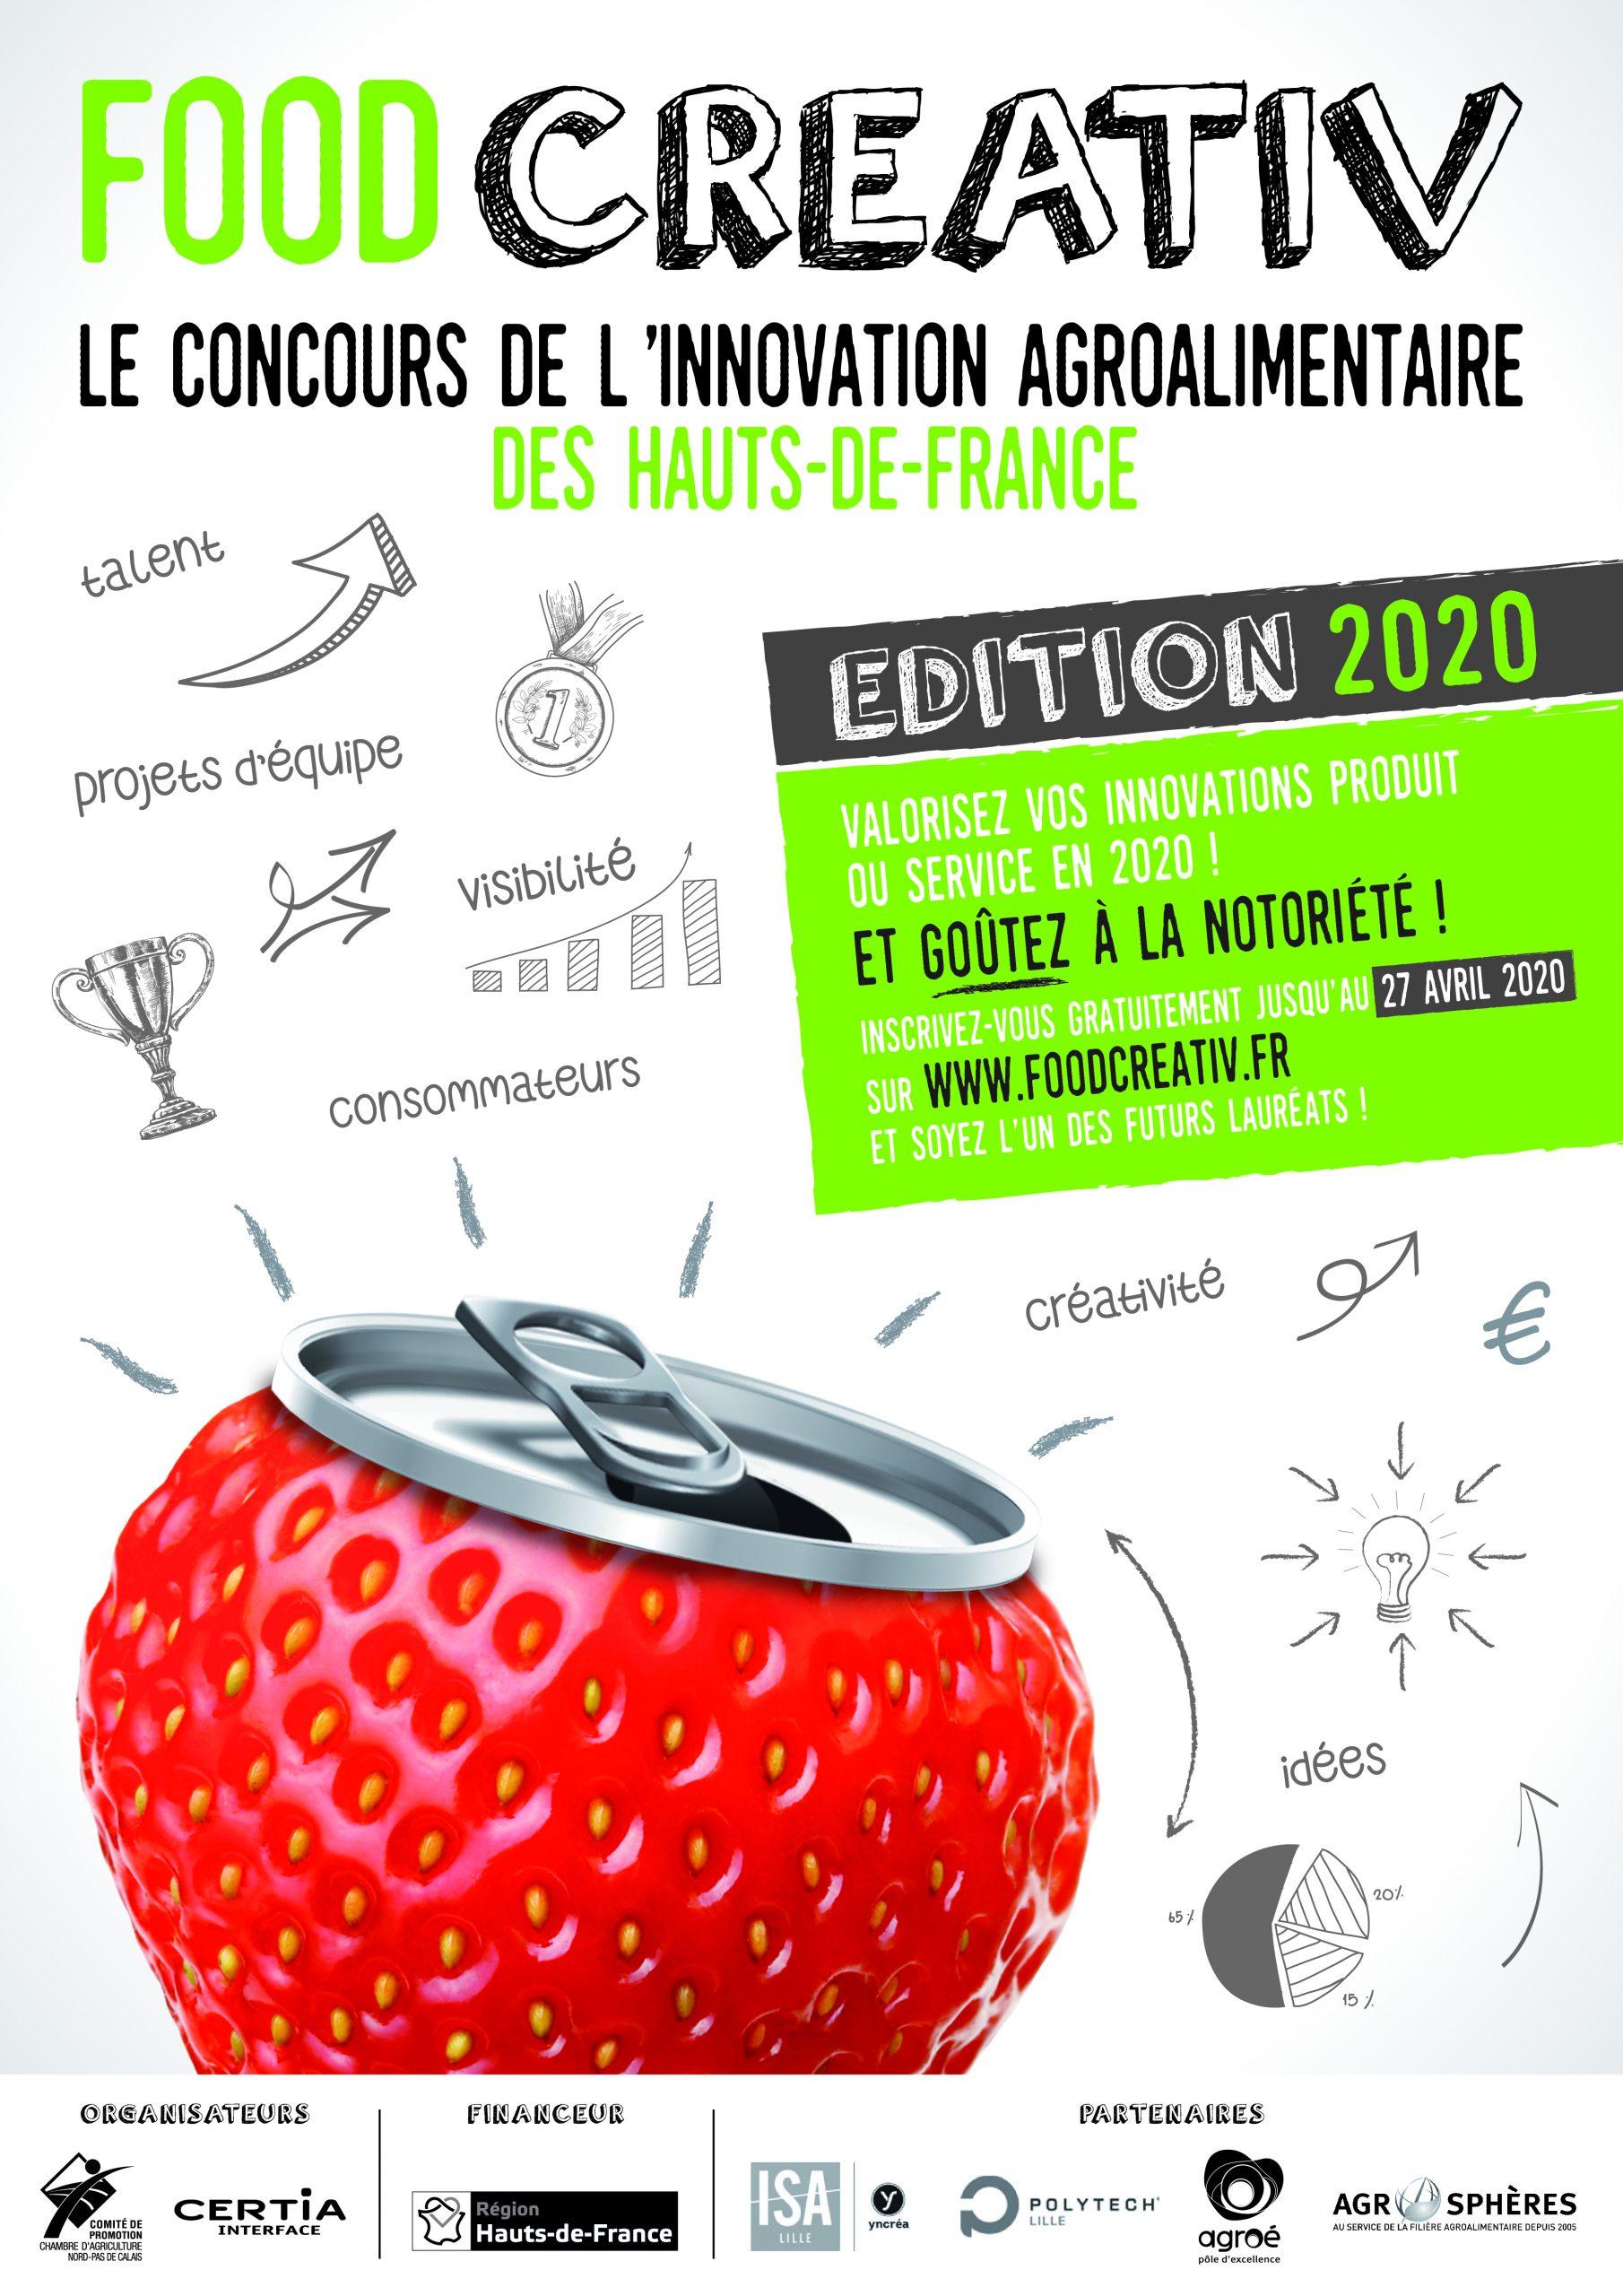 A3 CONCOURS INNOVATION 2020 OK 01 scaled - FOOD CREATIV, le concours de l'innovation alimentaire en Hauts-de-France